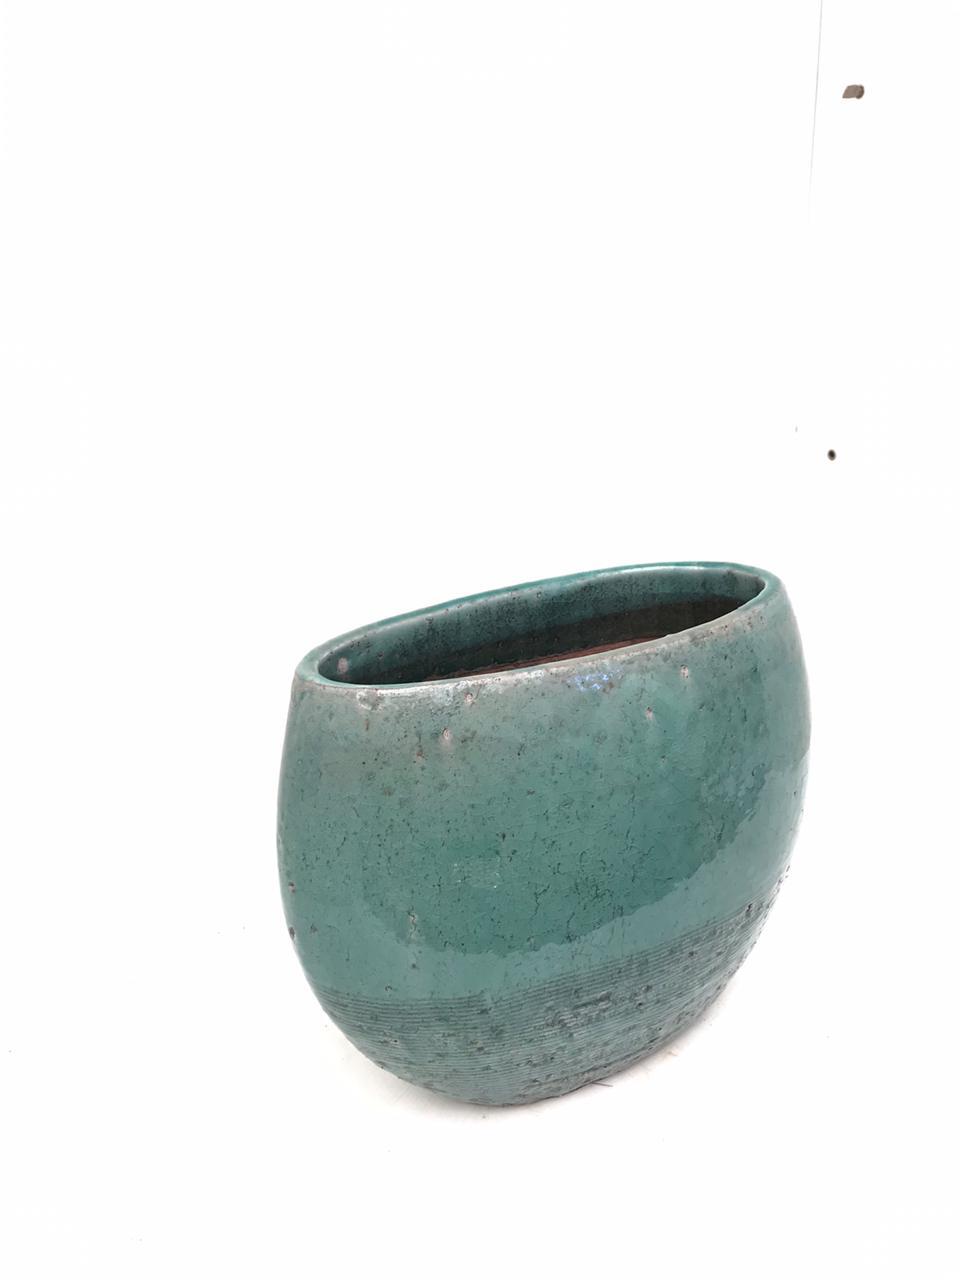 Planter Femme Azuur  Pots & Vases Ceramic Pots